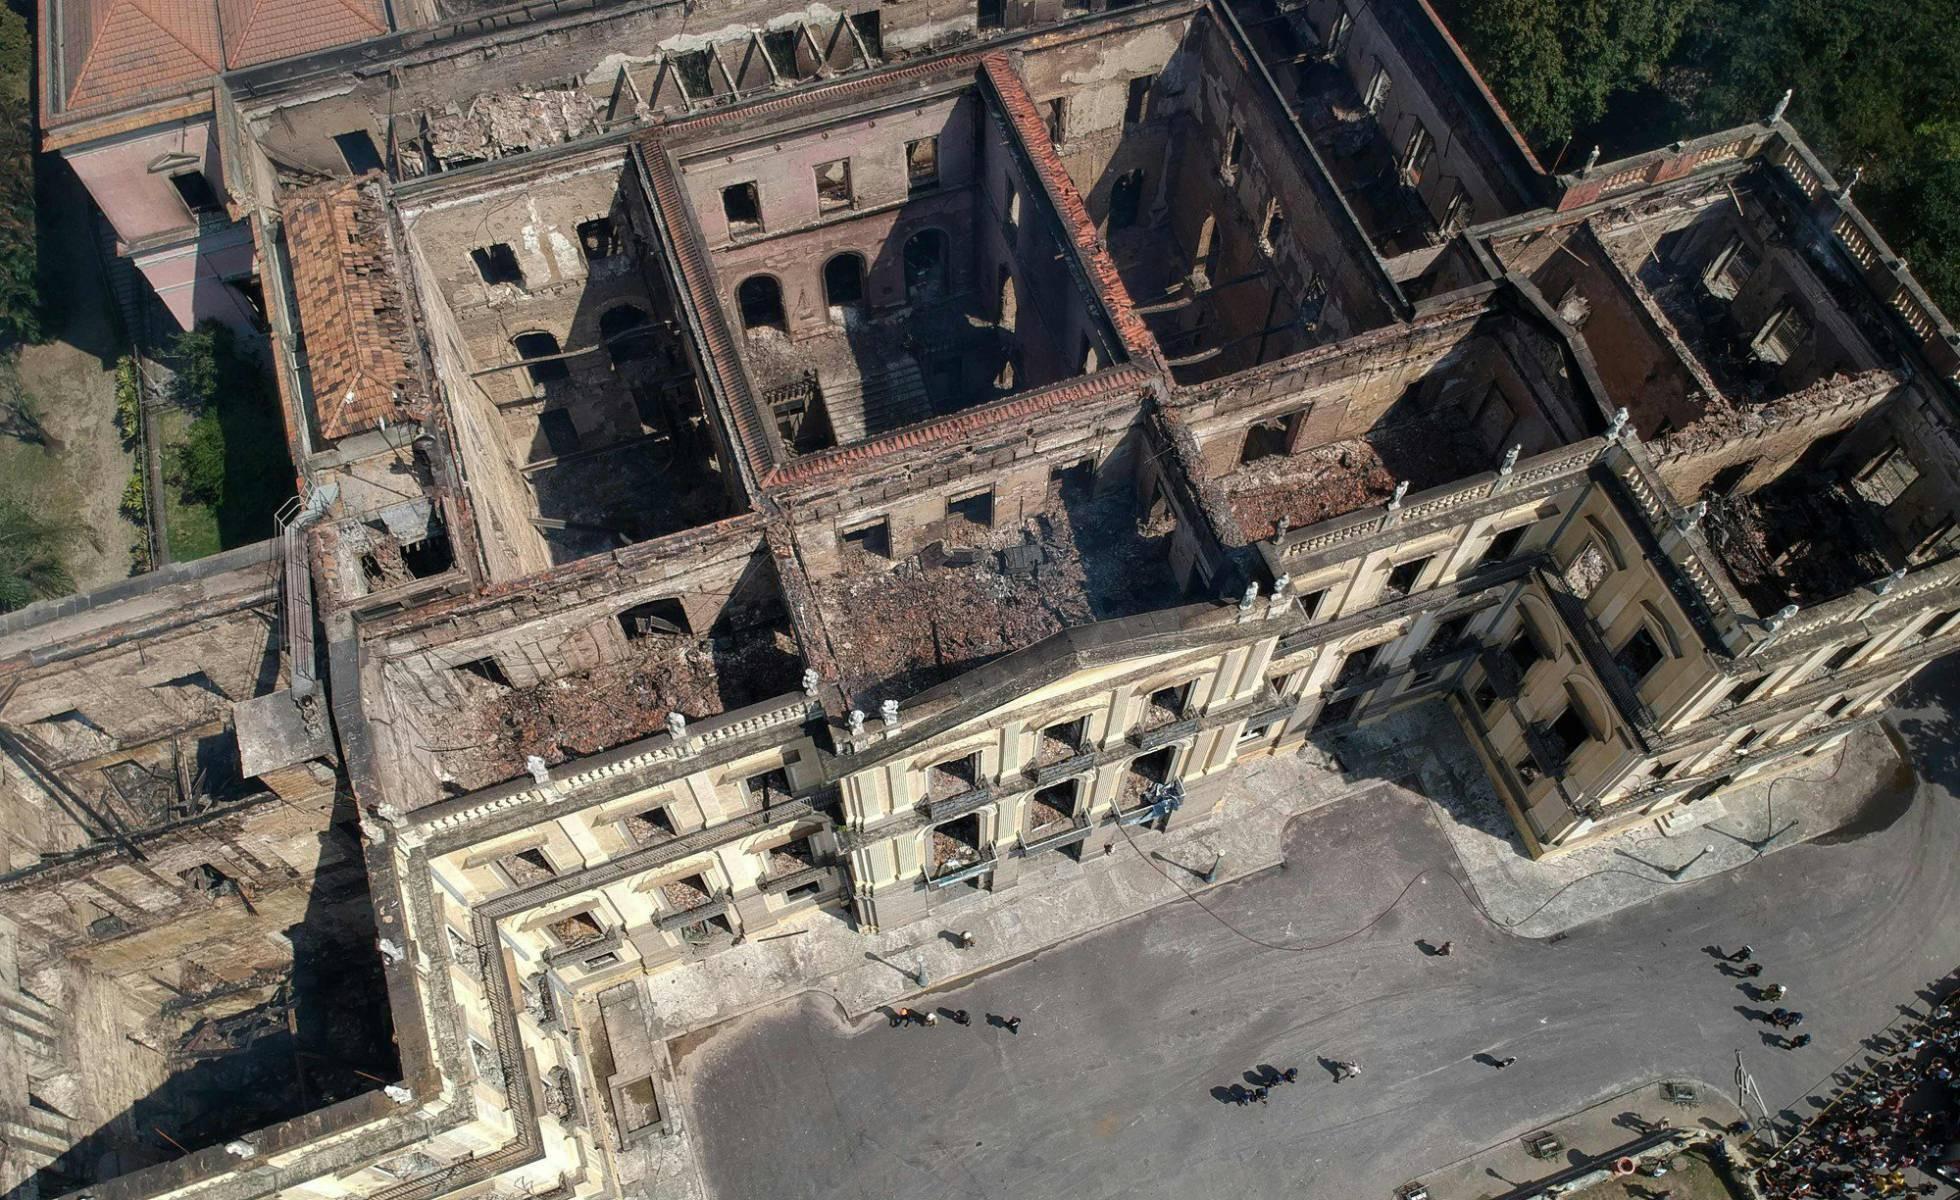 Un incendio consume el Museo Nacional de Ro uno de los más antiguos de Brasil Internacional